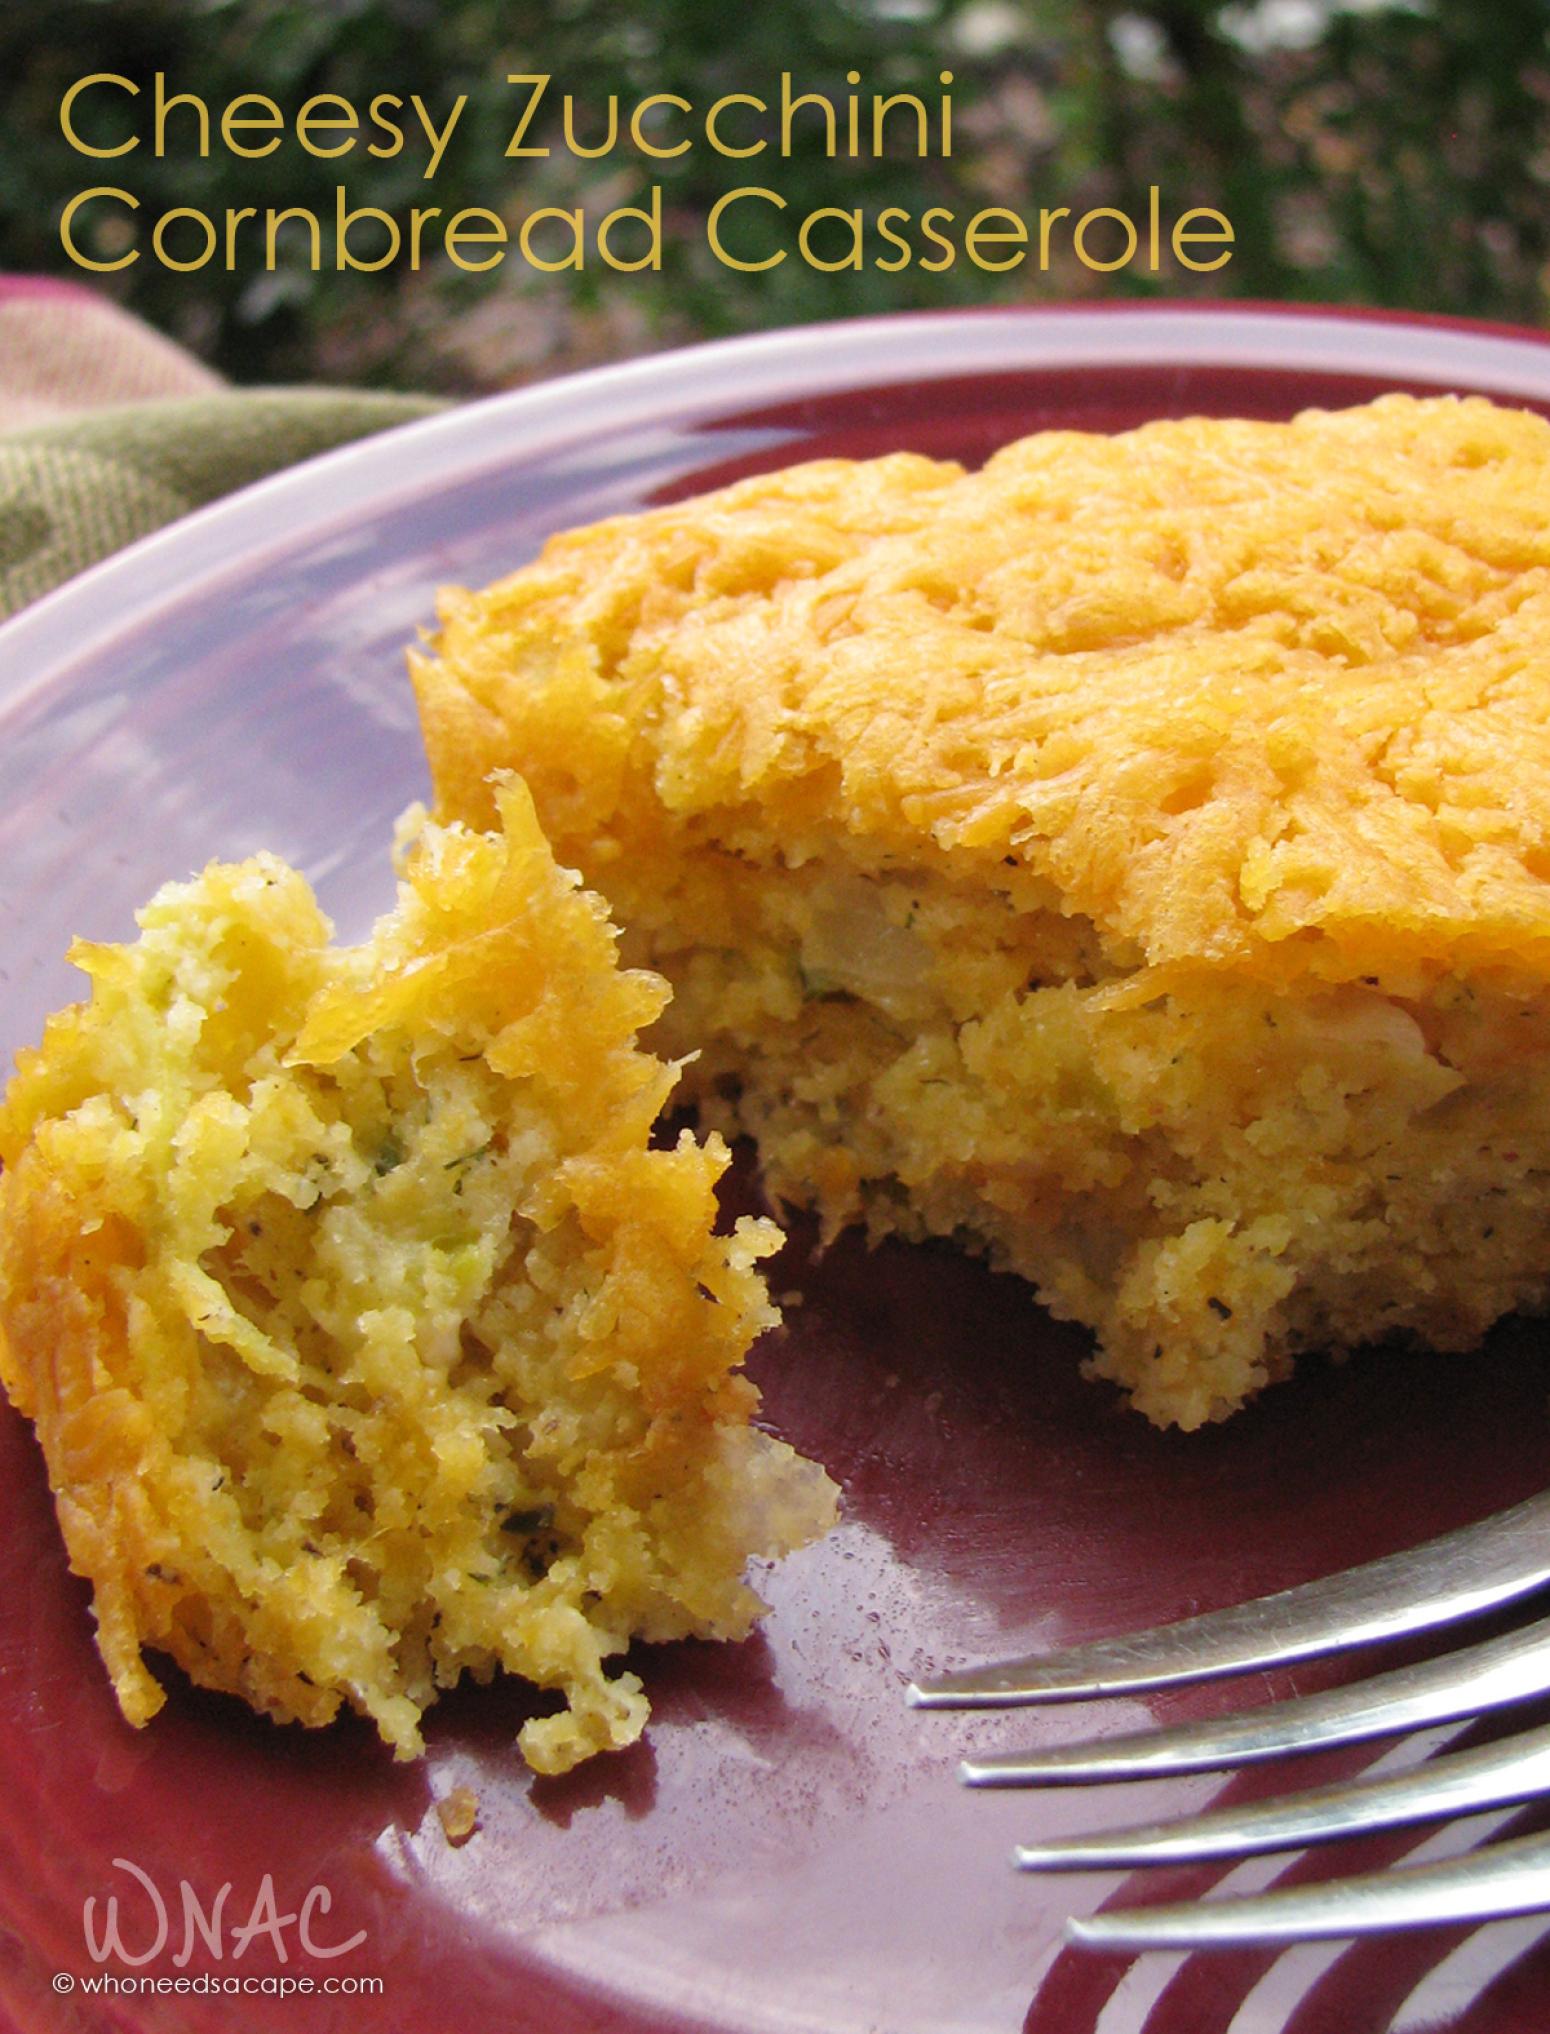 Cheesy Zucchini Cornbread Casserole Recipe | Just A Pinch Recipes